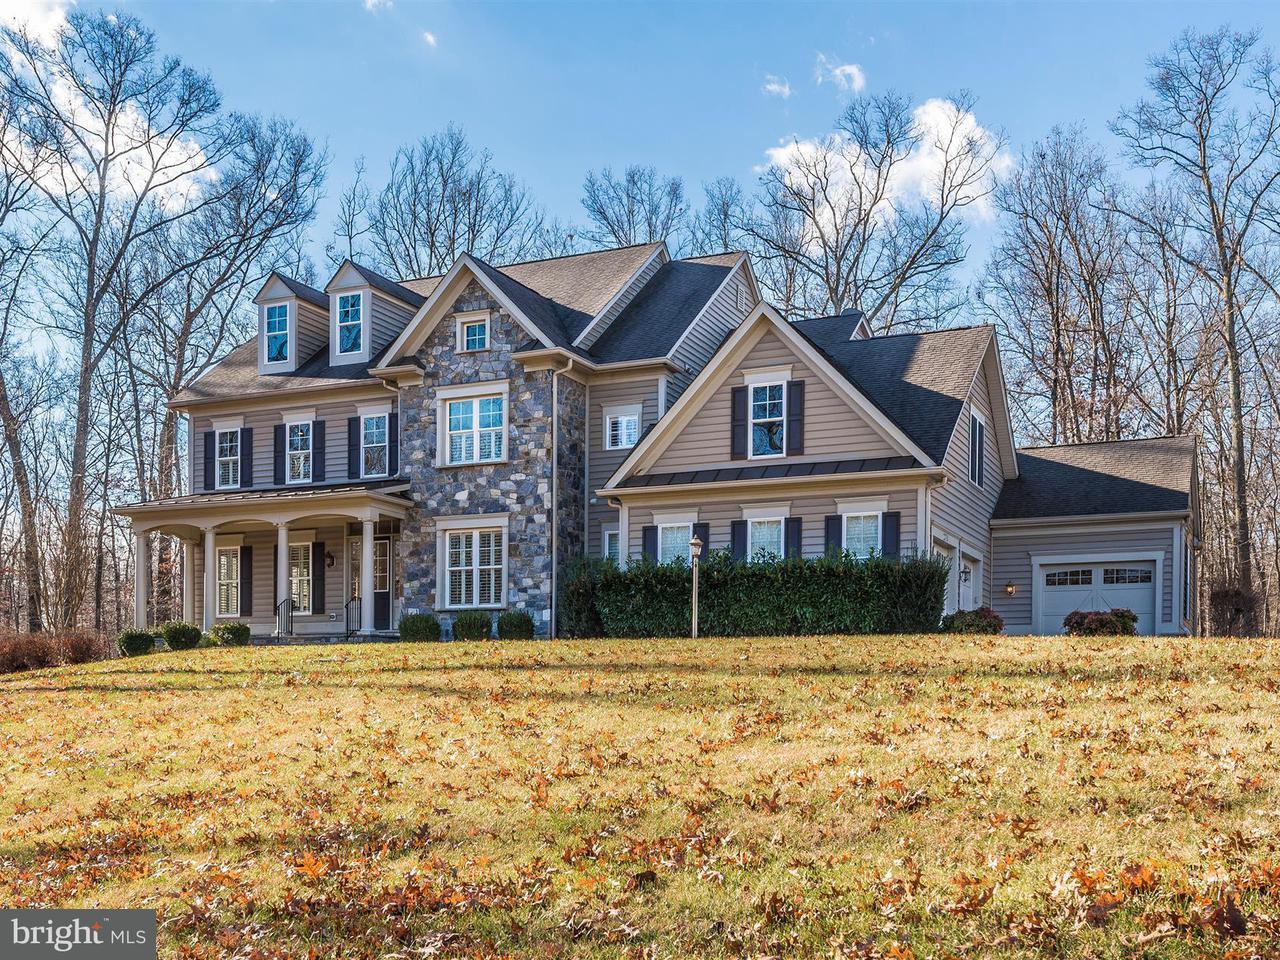 獨棟家庭住宅 為 出售 在 10124 SYCAMORE HOLLOW Lane 10124 SYCAMORE HOLLOW Lane Germantown, 馬里蘭州 20876 美國